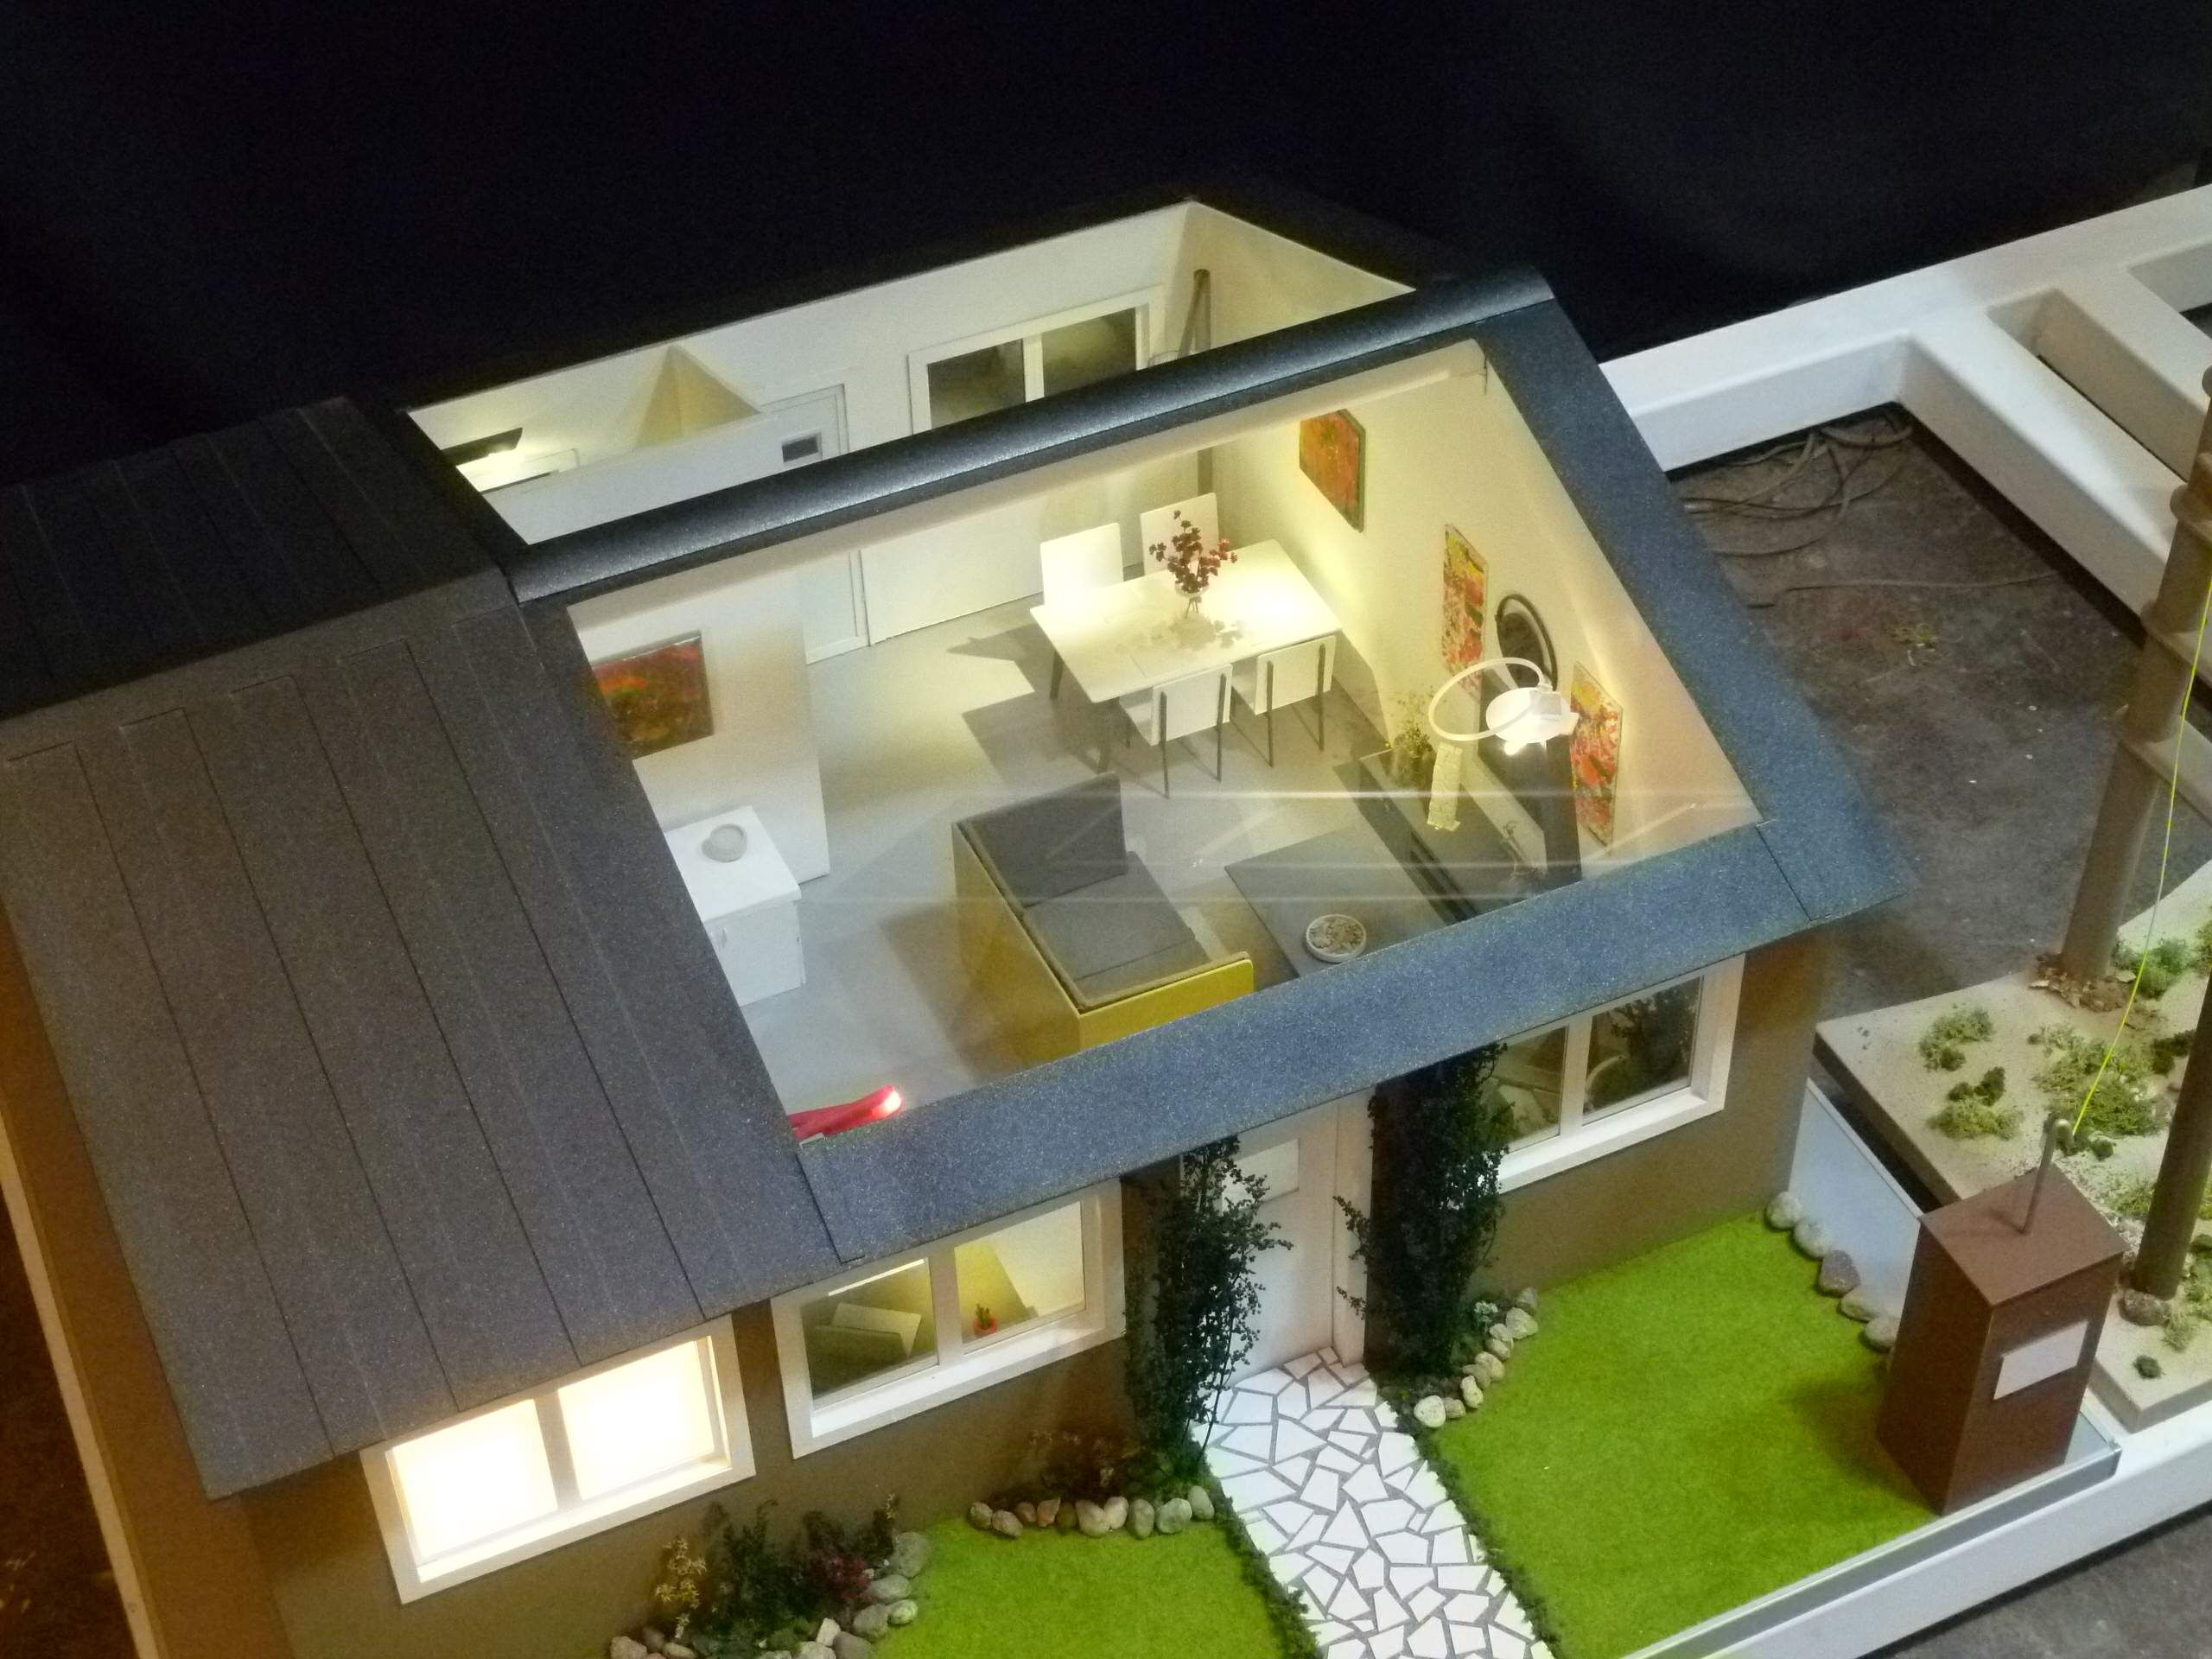 Maqueta casa con interiores escala 1 10 maquetas for Casa minimalista maqueta